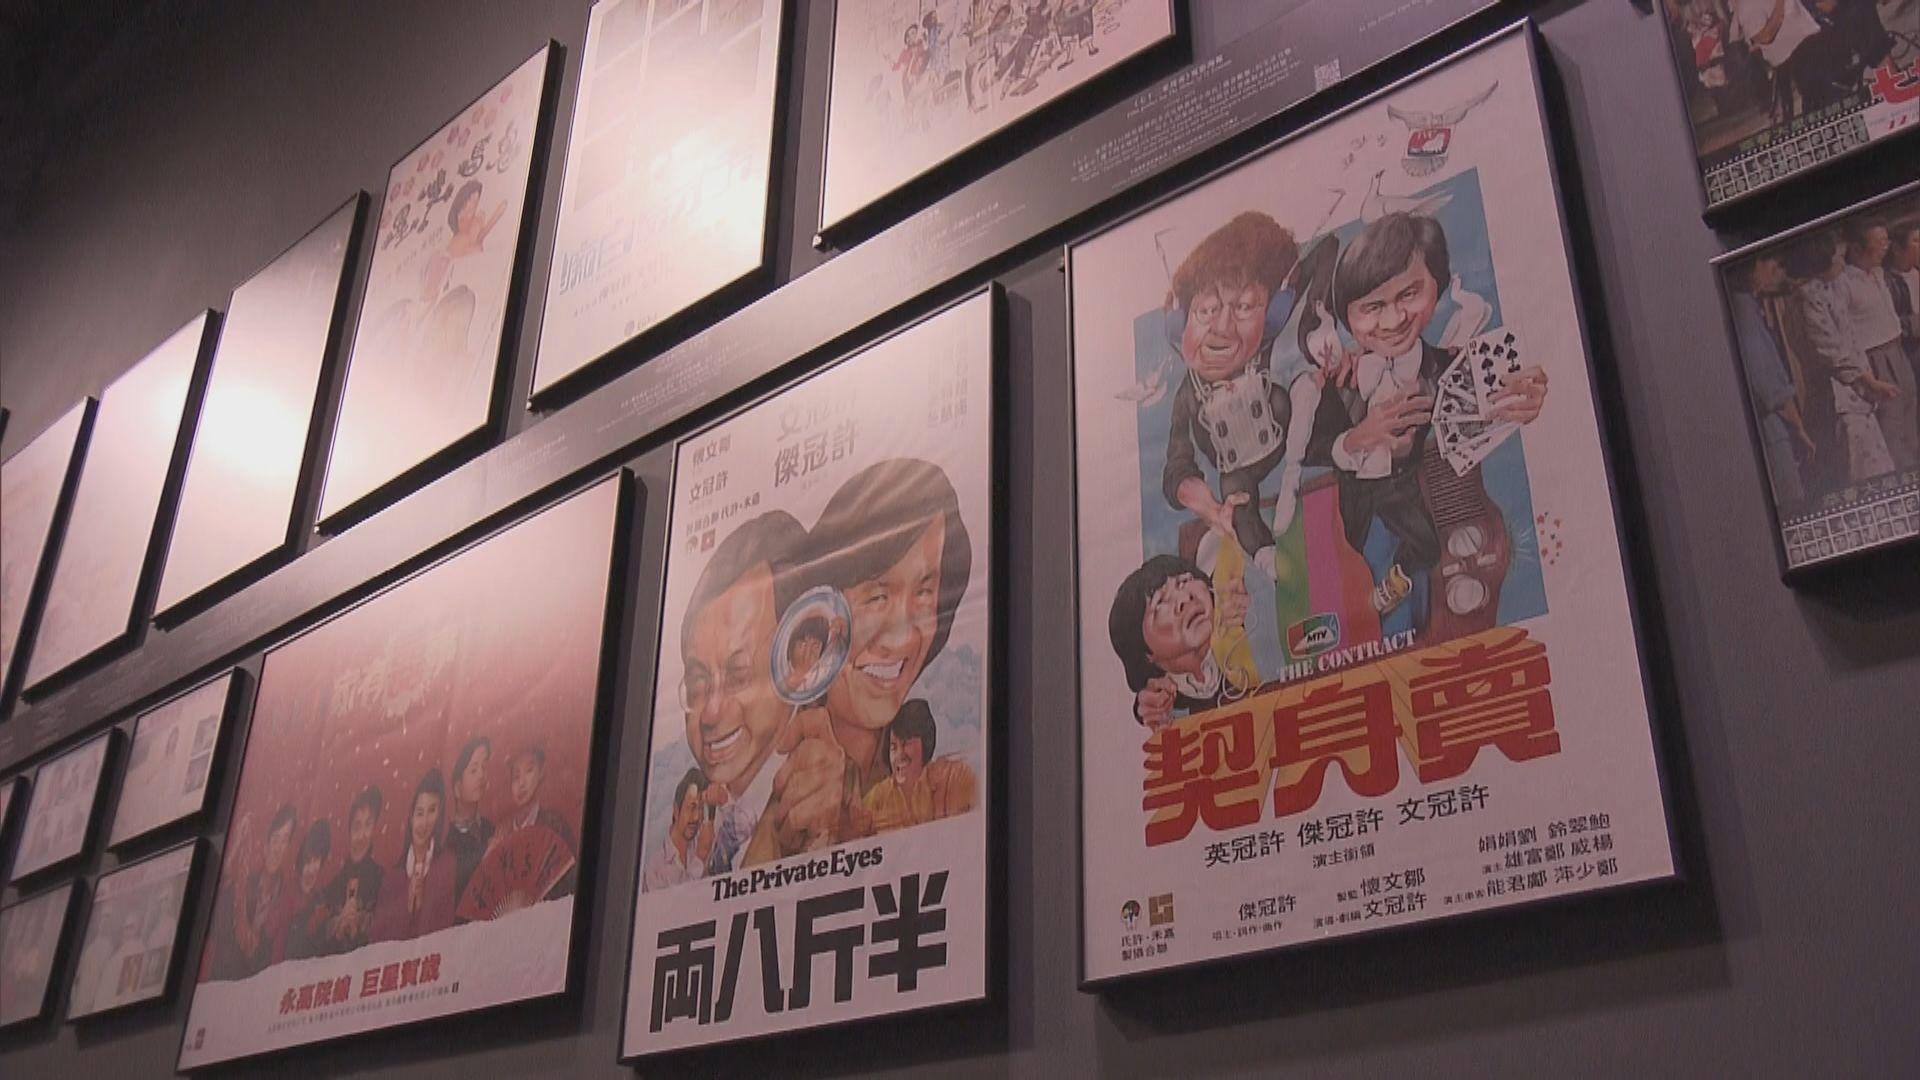 文化博物館明起設新展覽 展示流行文化演變